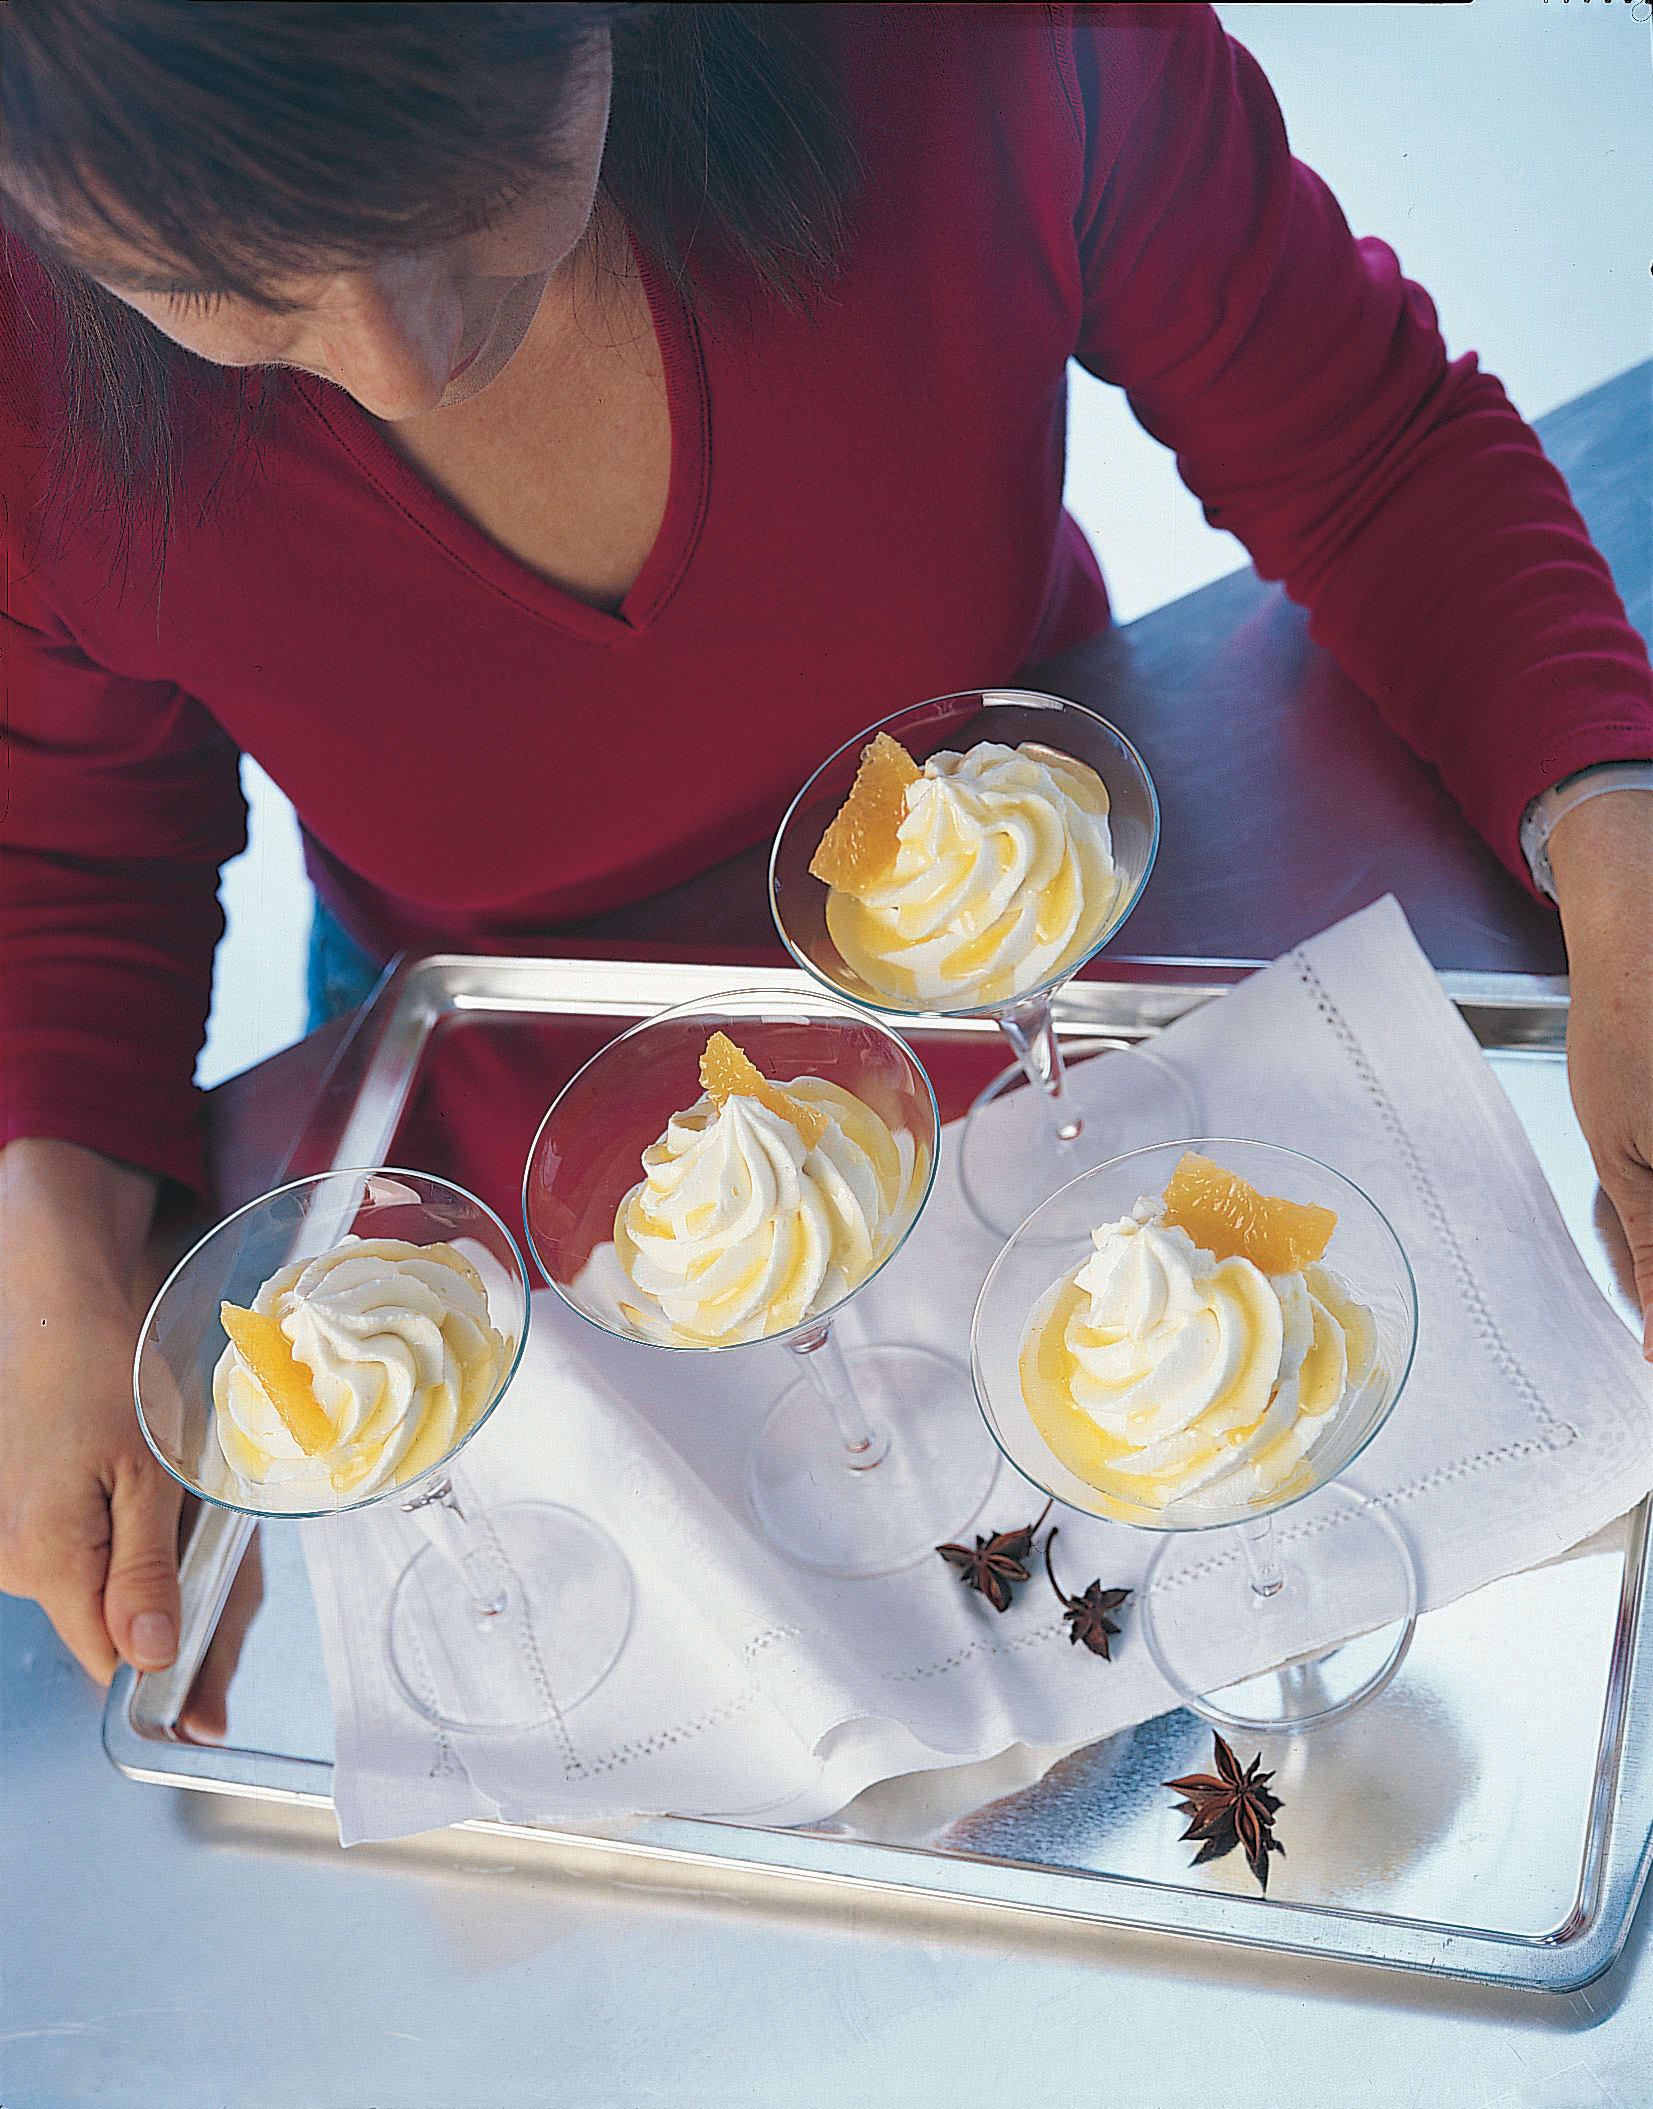 Mousse au chocolat blanc et aux épices coulis à la mandarine